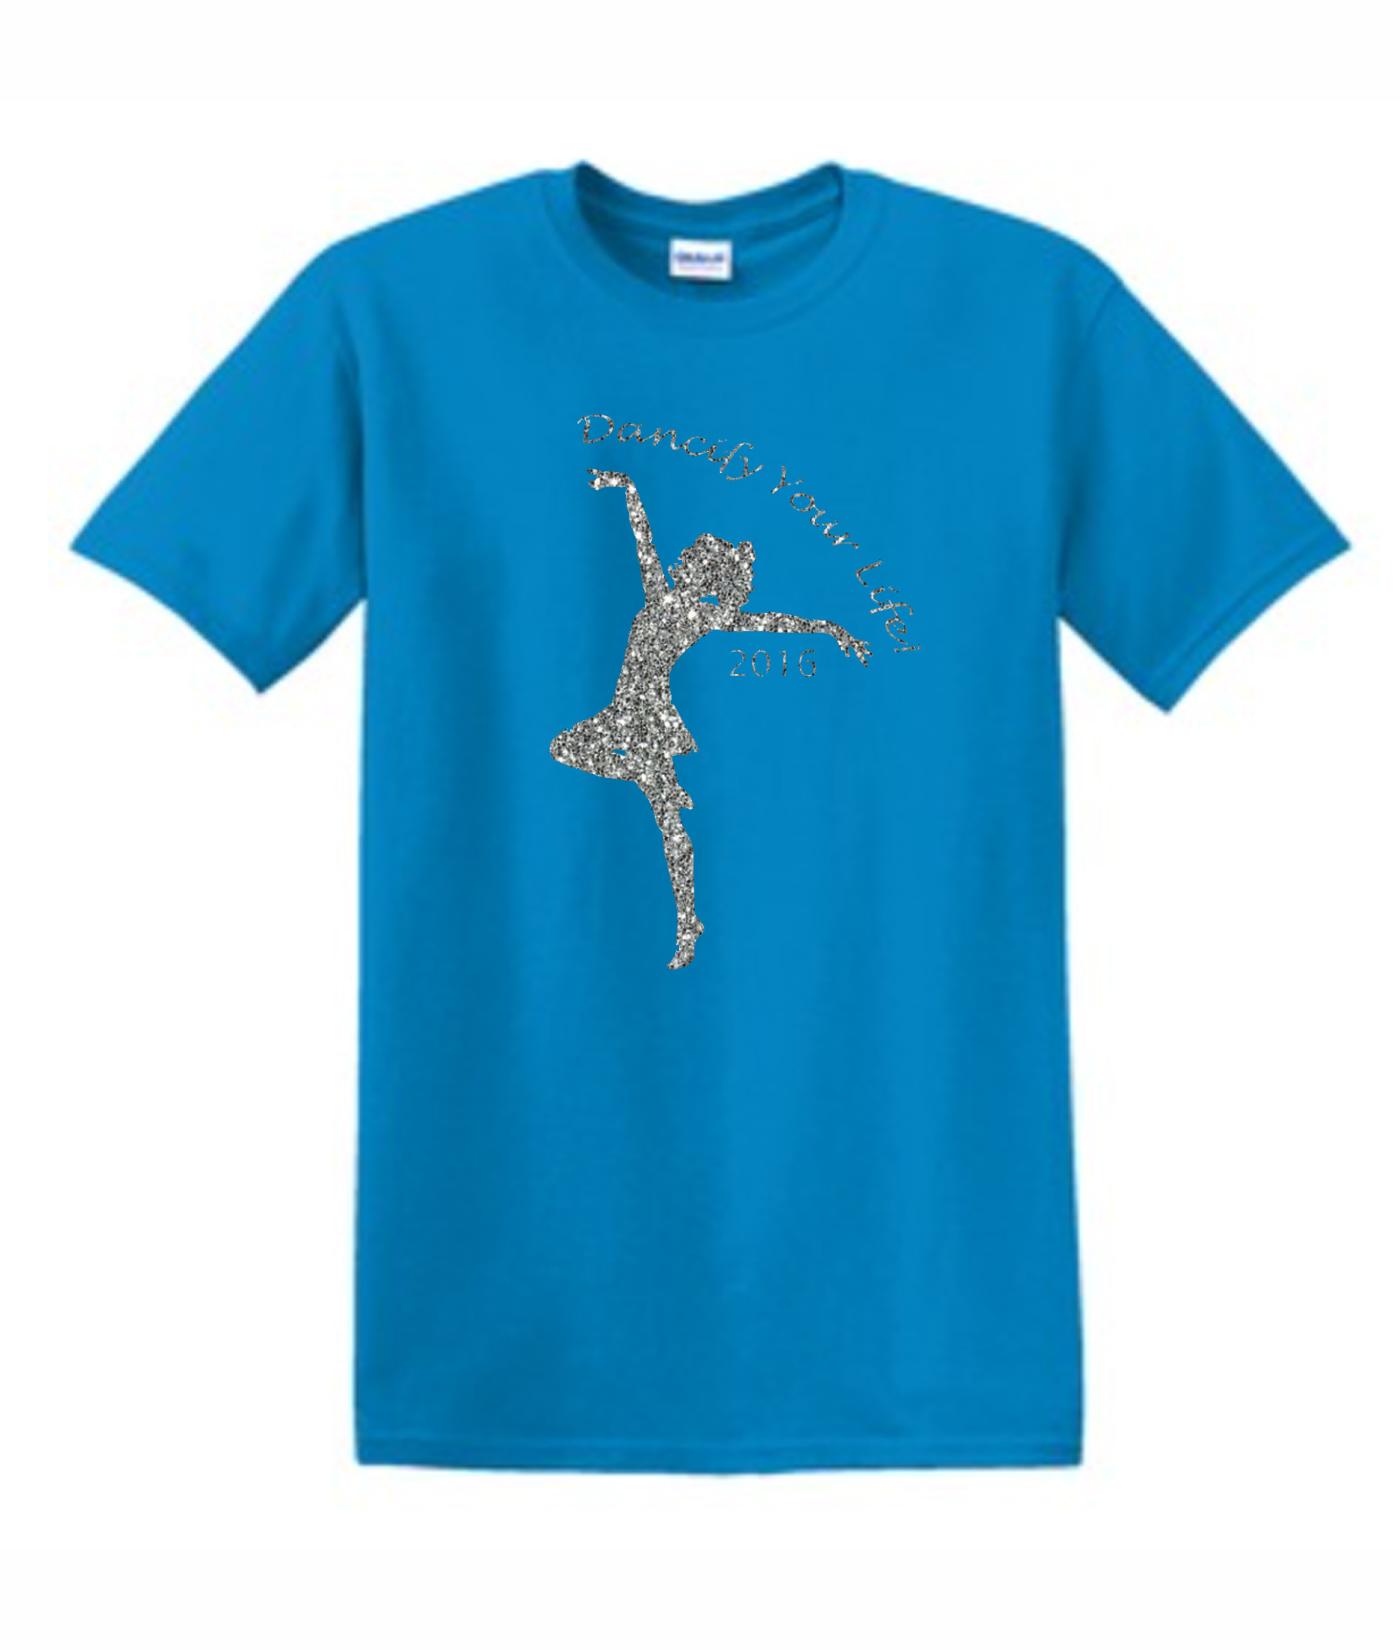 Gildan Dancify Dancer Silver Glitter Light Blue Tee